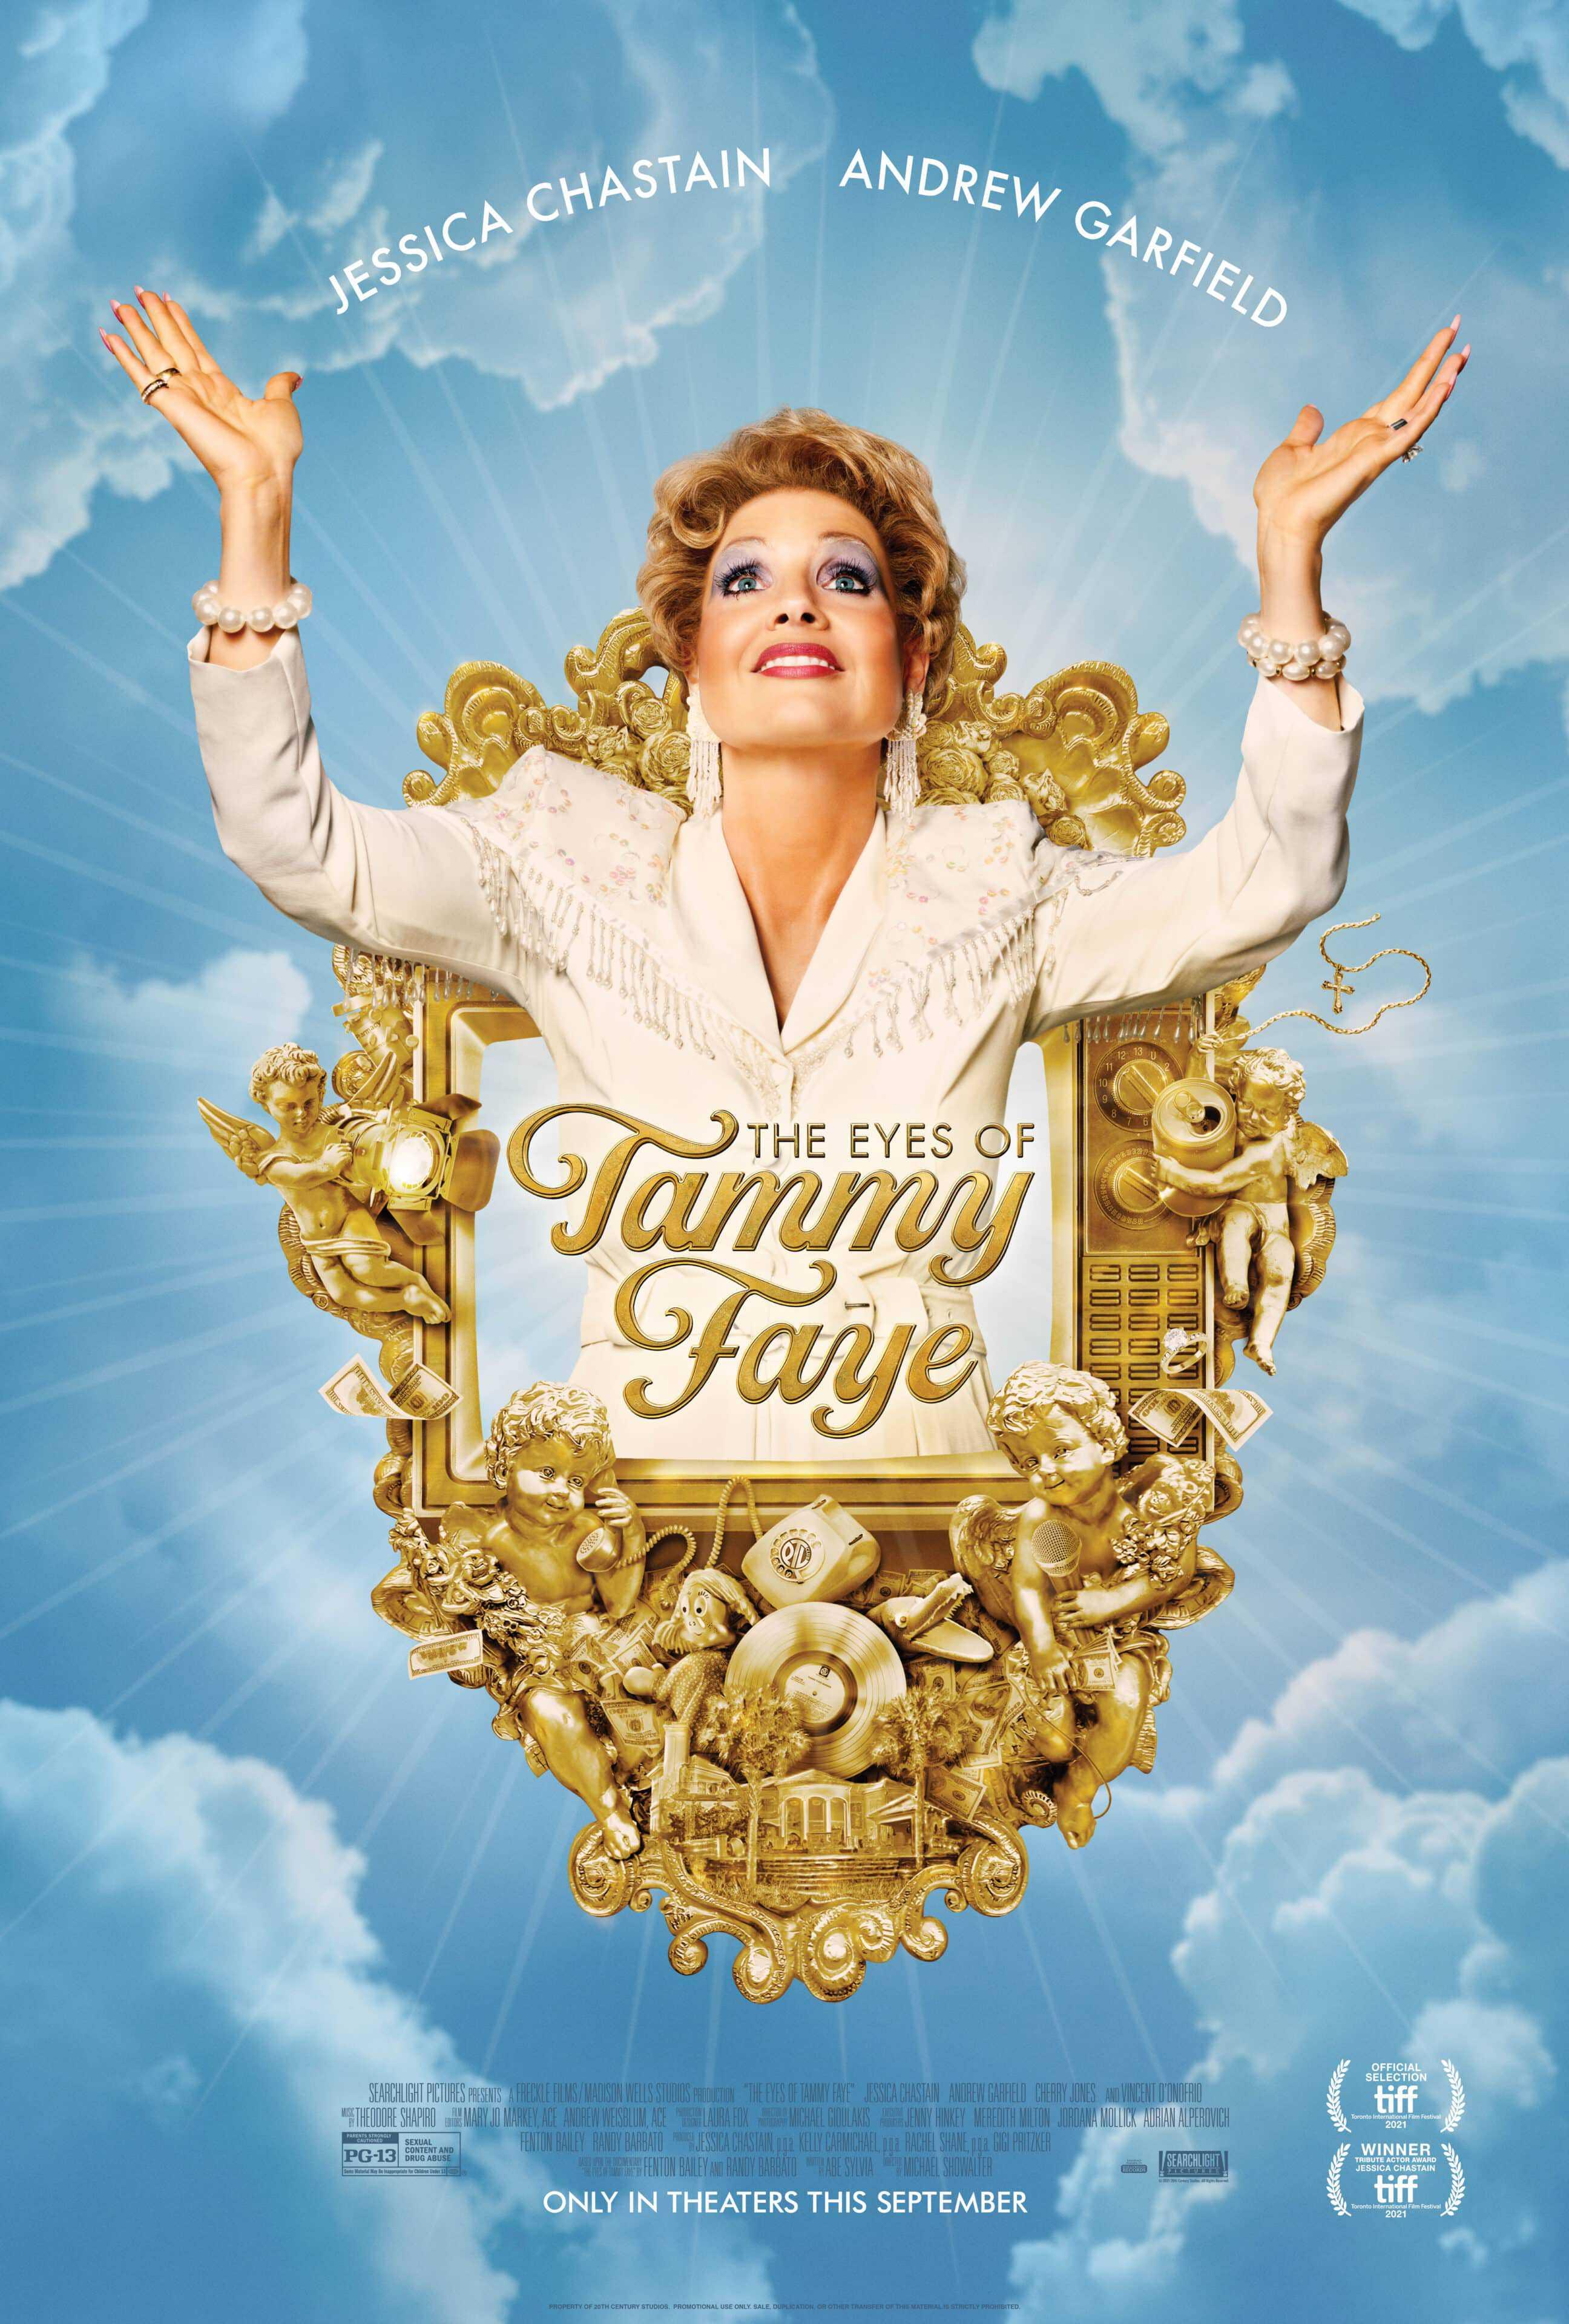 Movie Poster - The Eyes of Tammy Daye